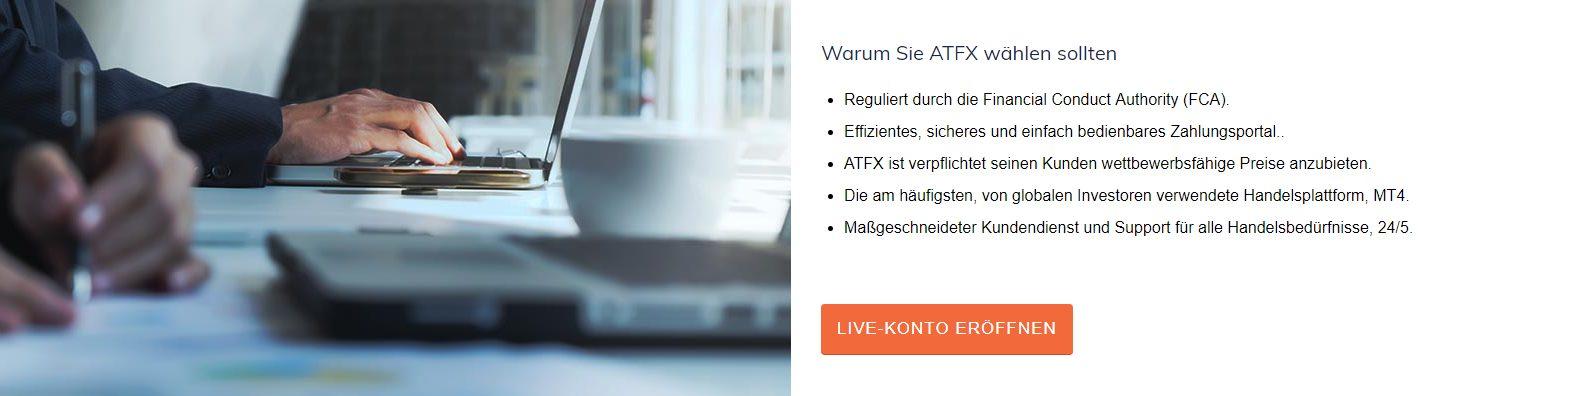 Das sind Die Vorteile bei ATFX